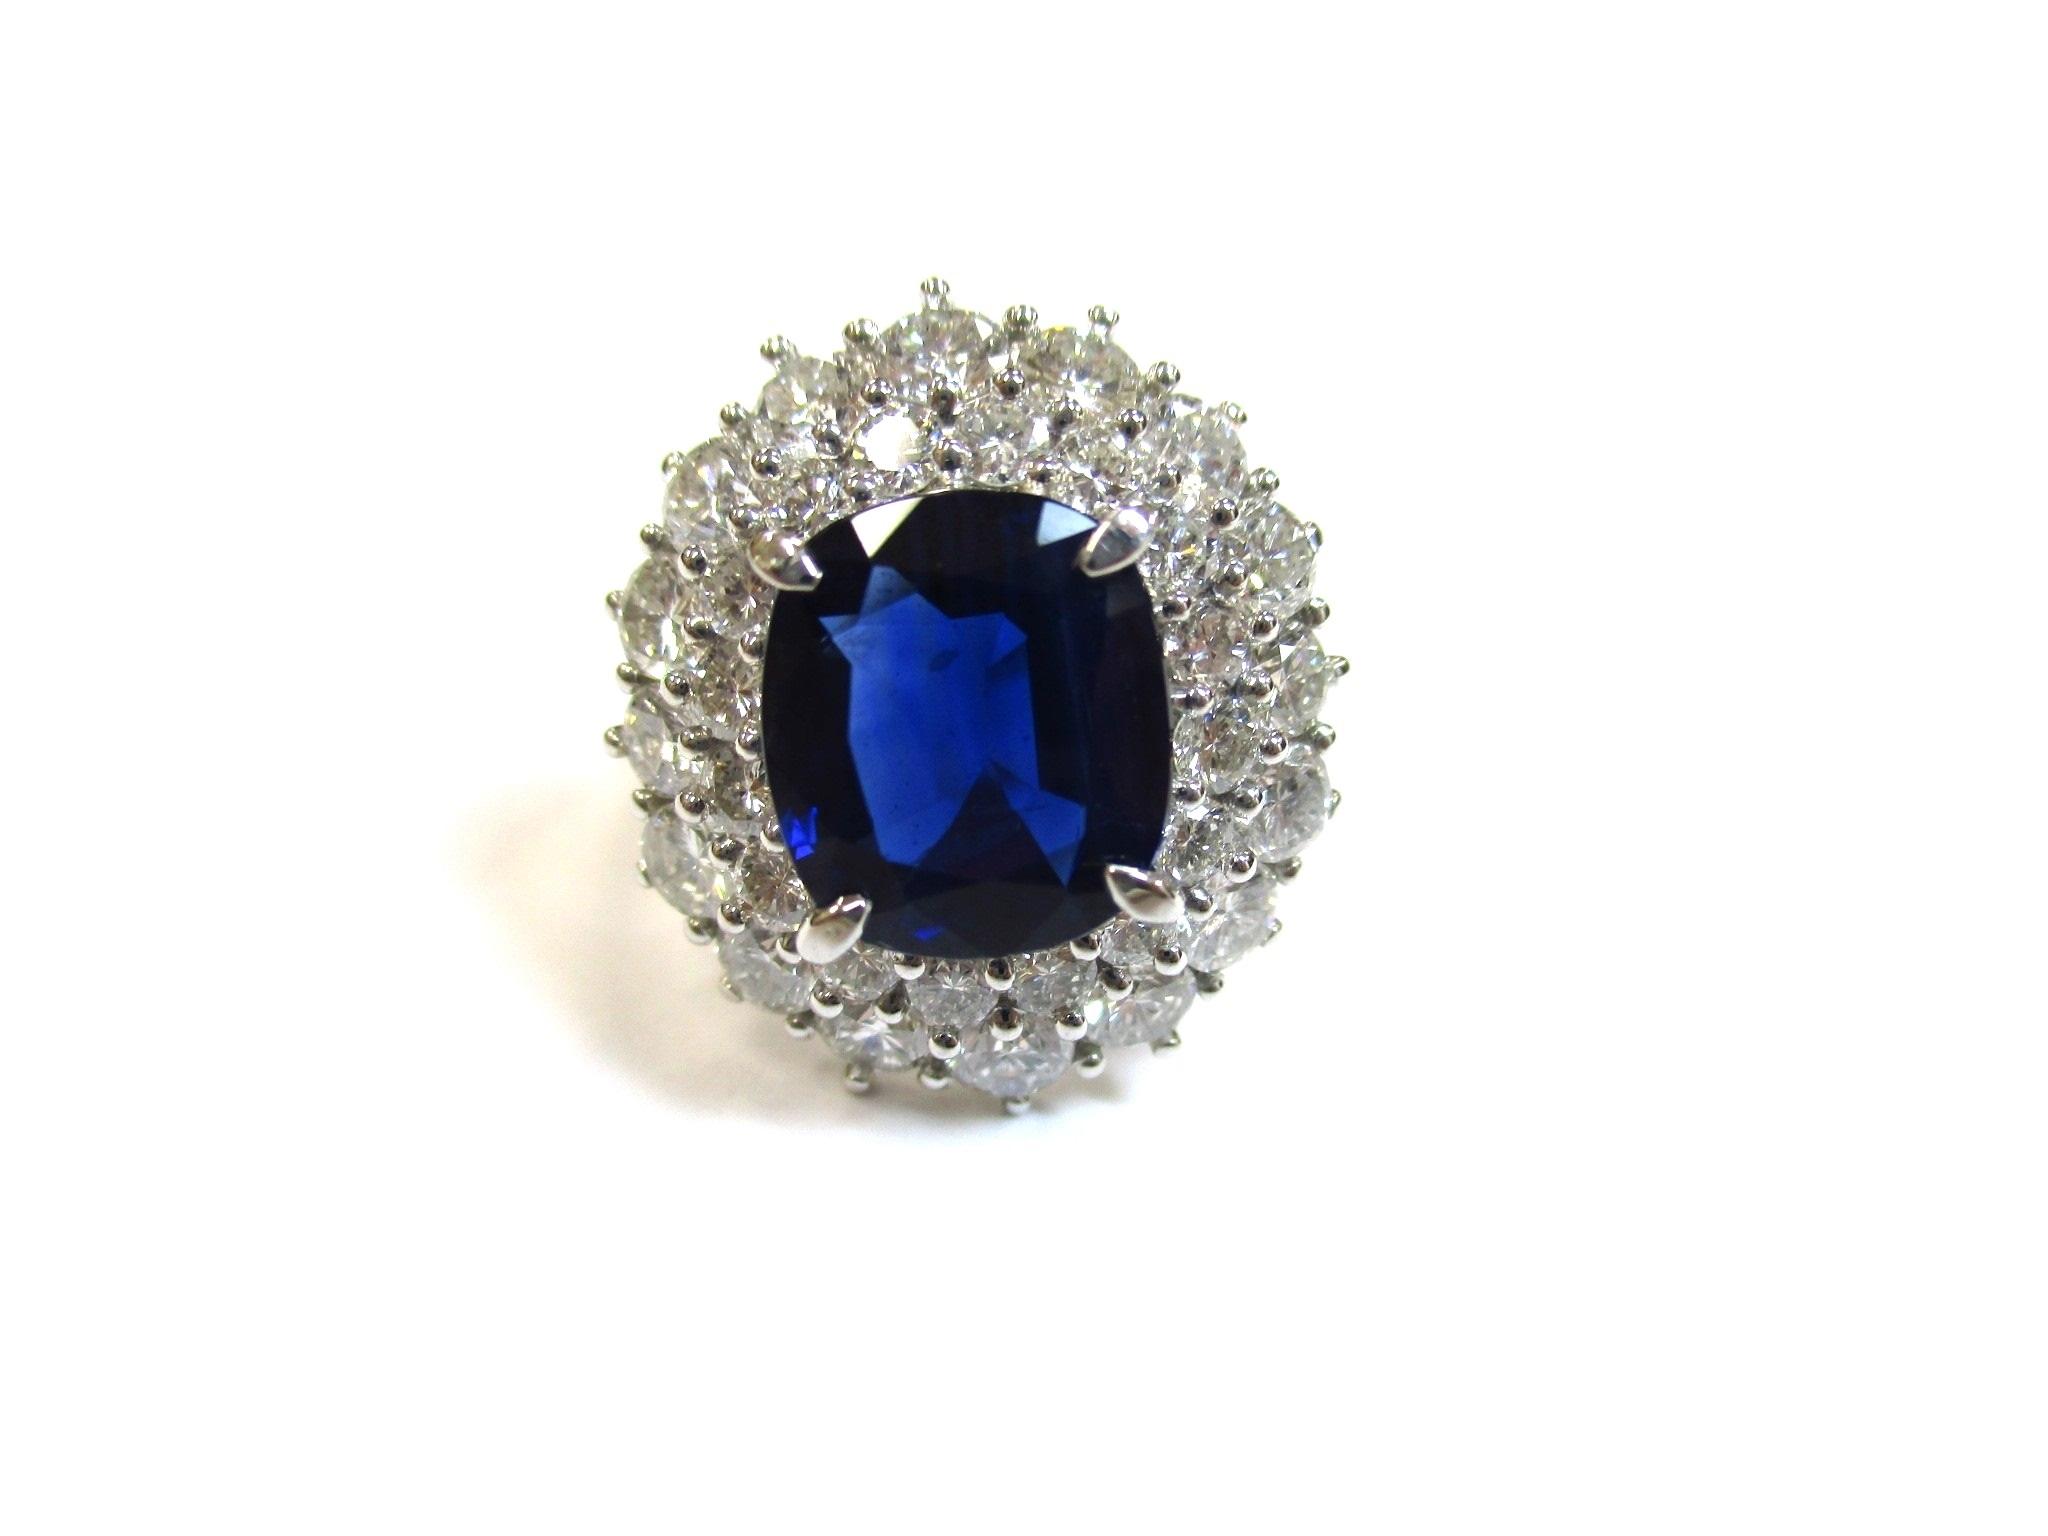 【形状】リング 【宝石】サファイア/ダイヤモンド 【素材…の画像